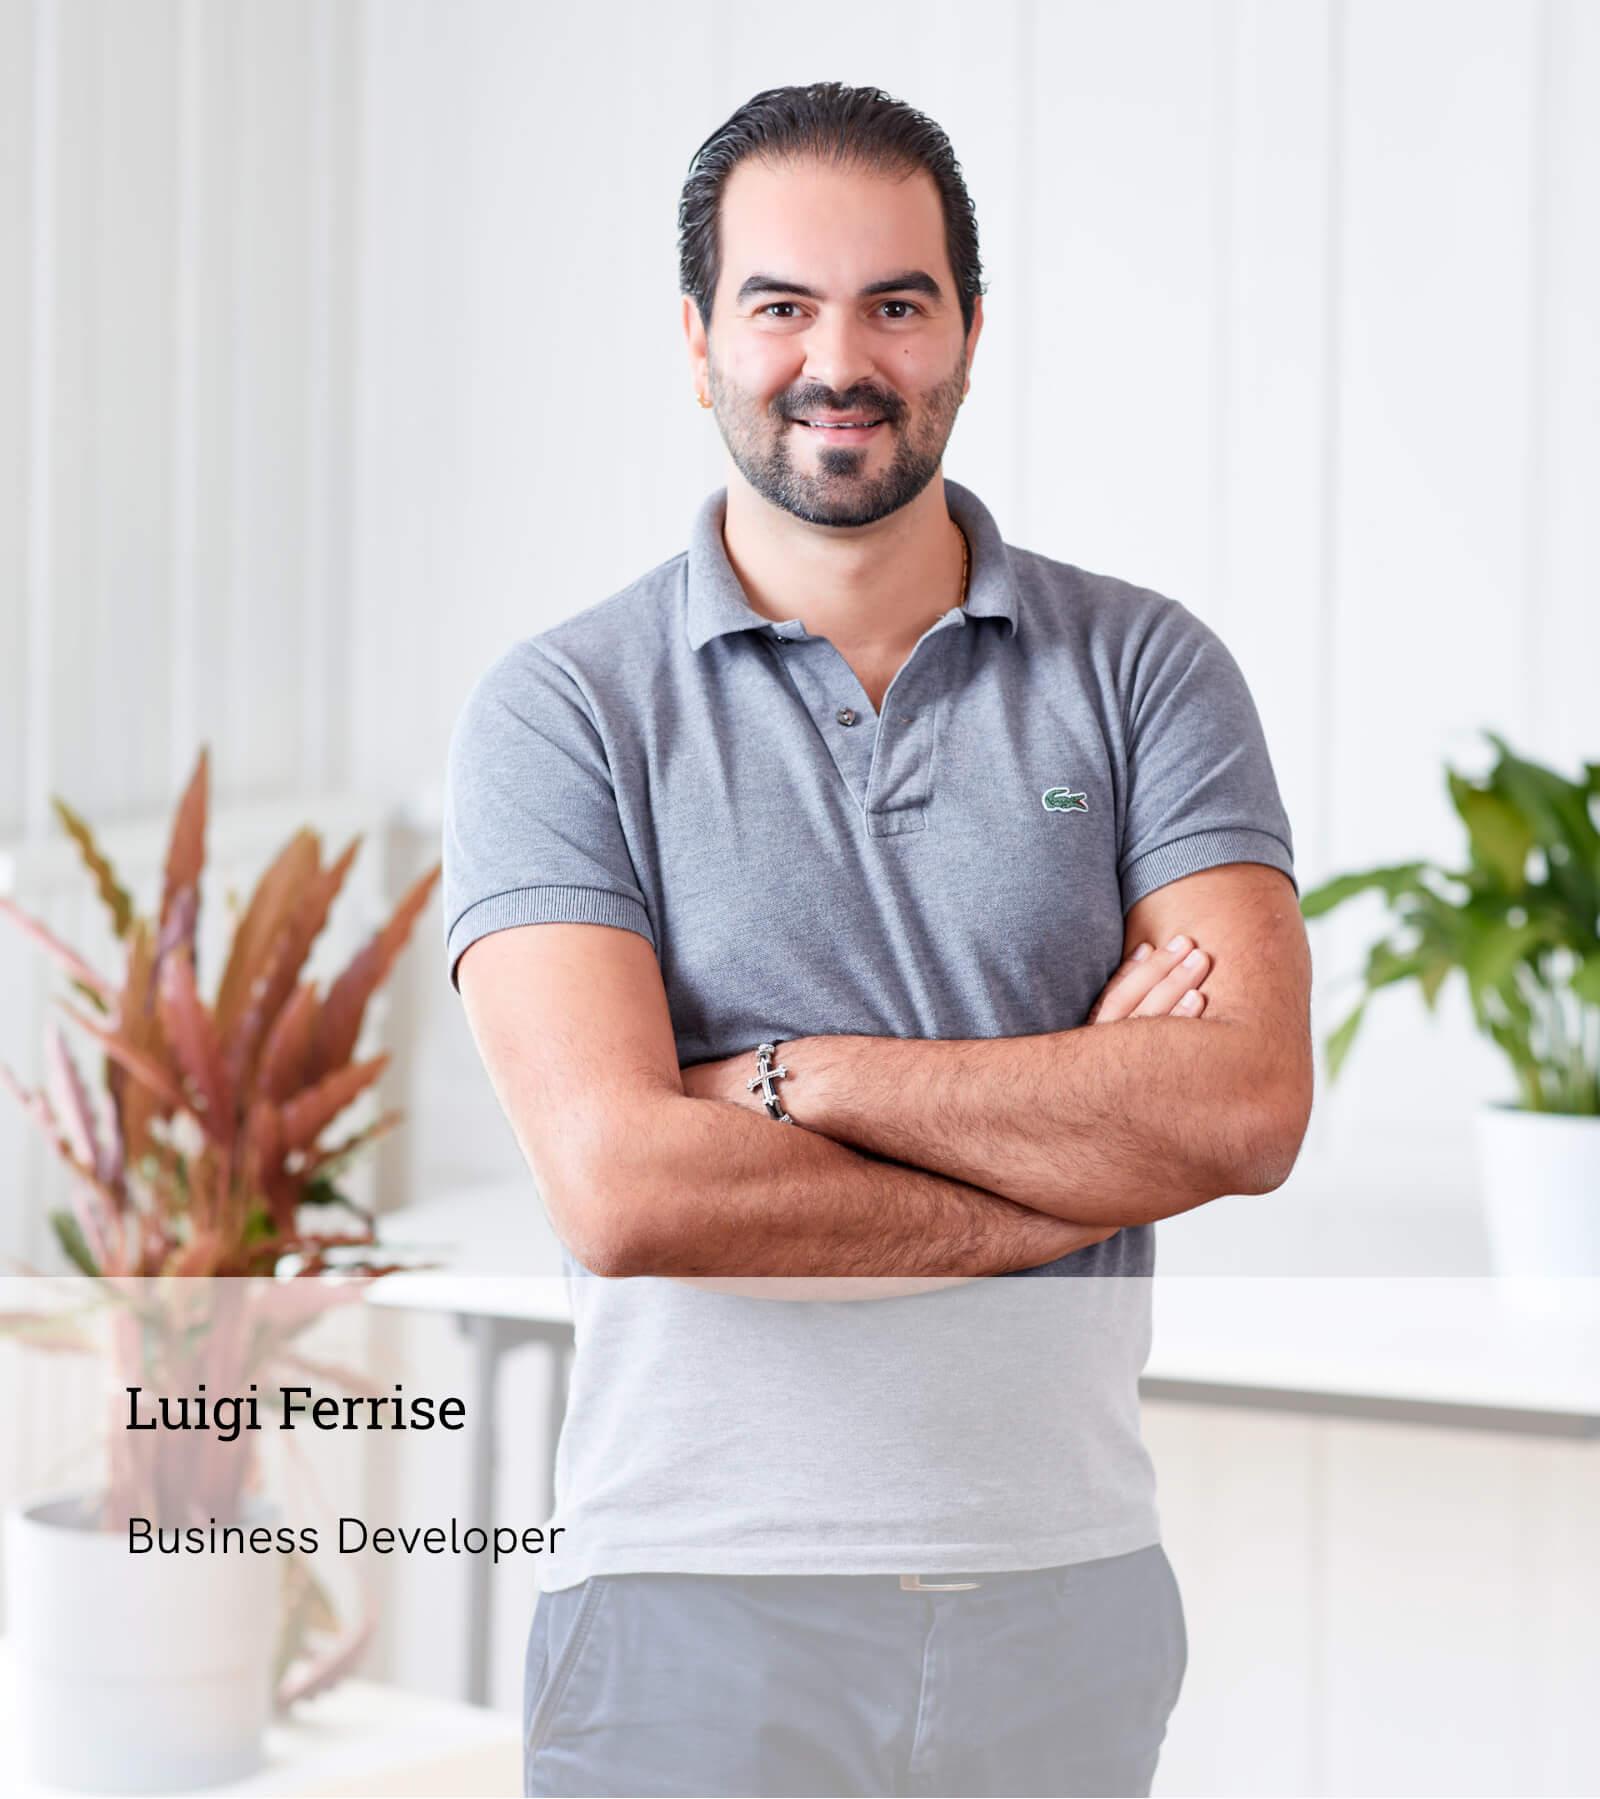 Luigi Ferrise